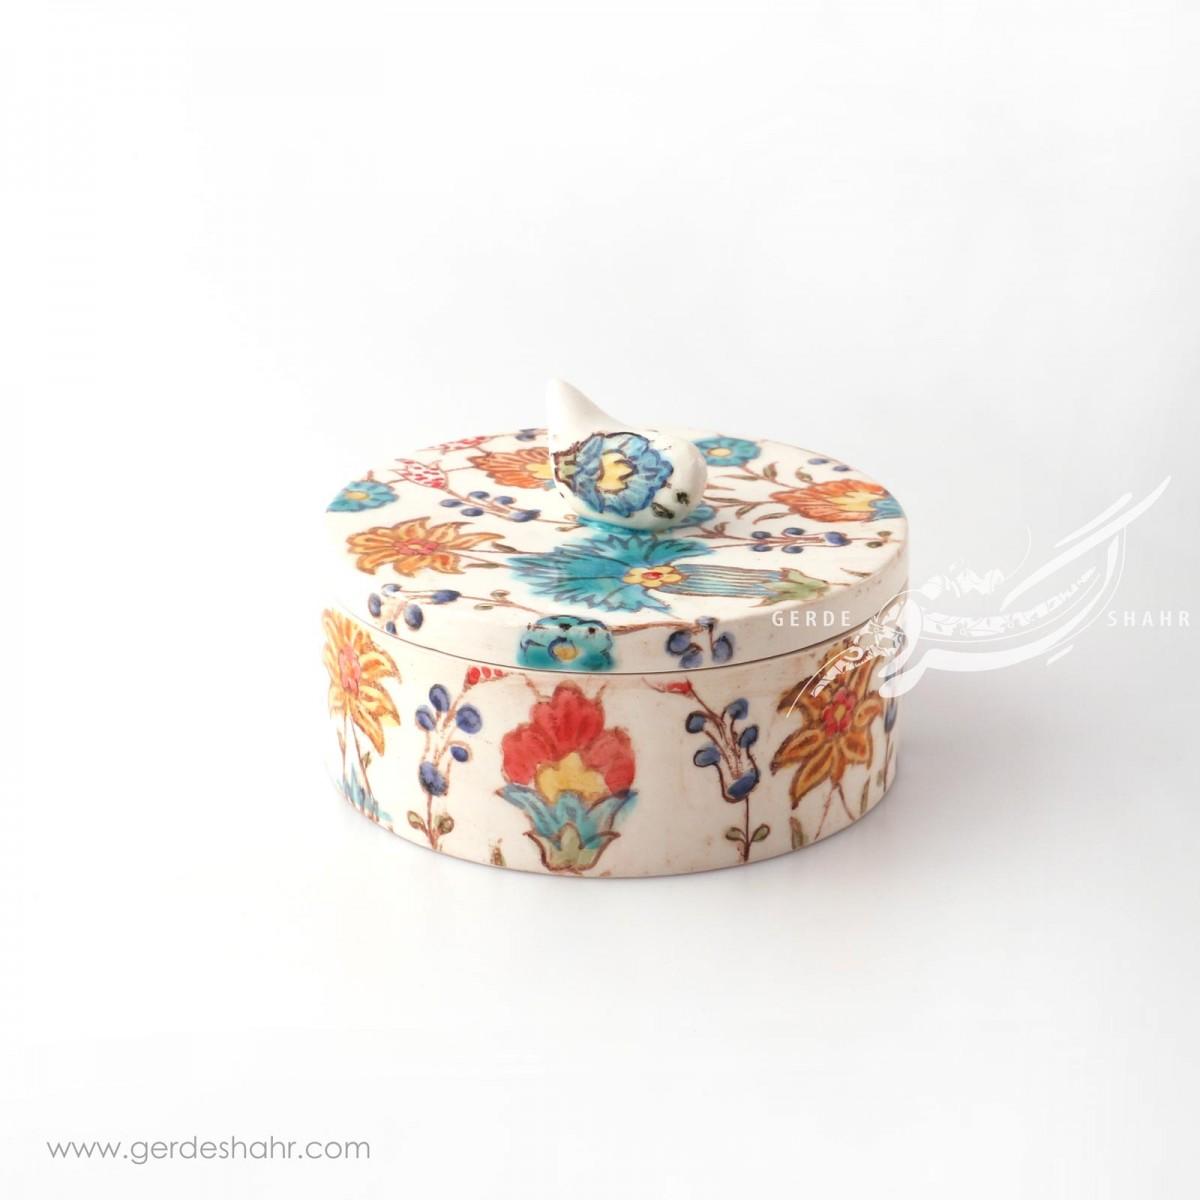 جعبه گرد درب دار قمری بهار 18 راستین محصولات